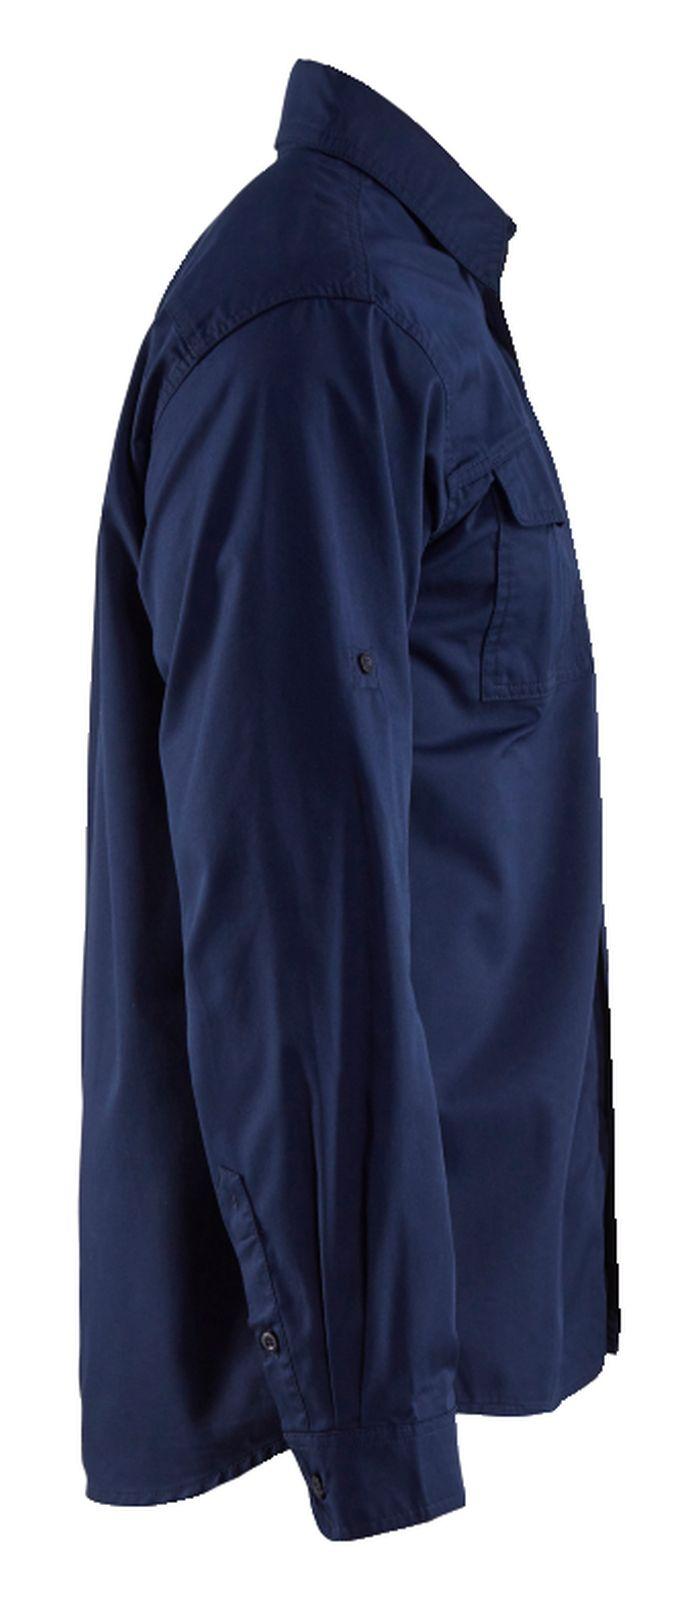 Blaklader Shirts 32981190 marineblauw(8900)